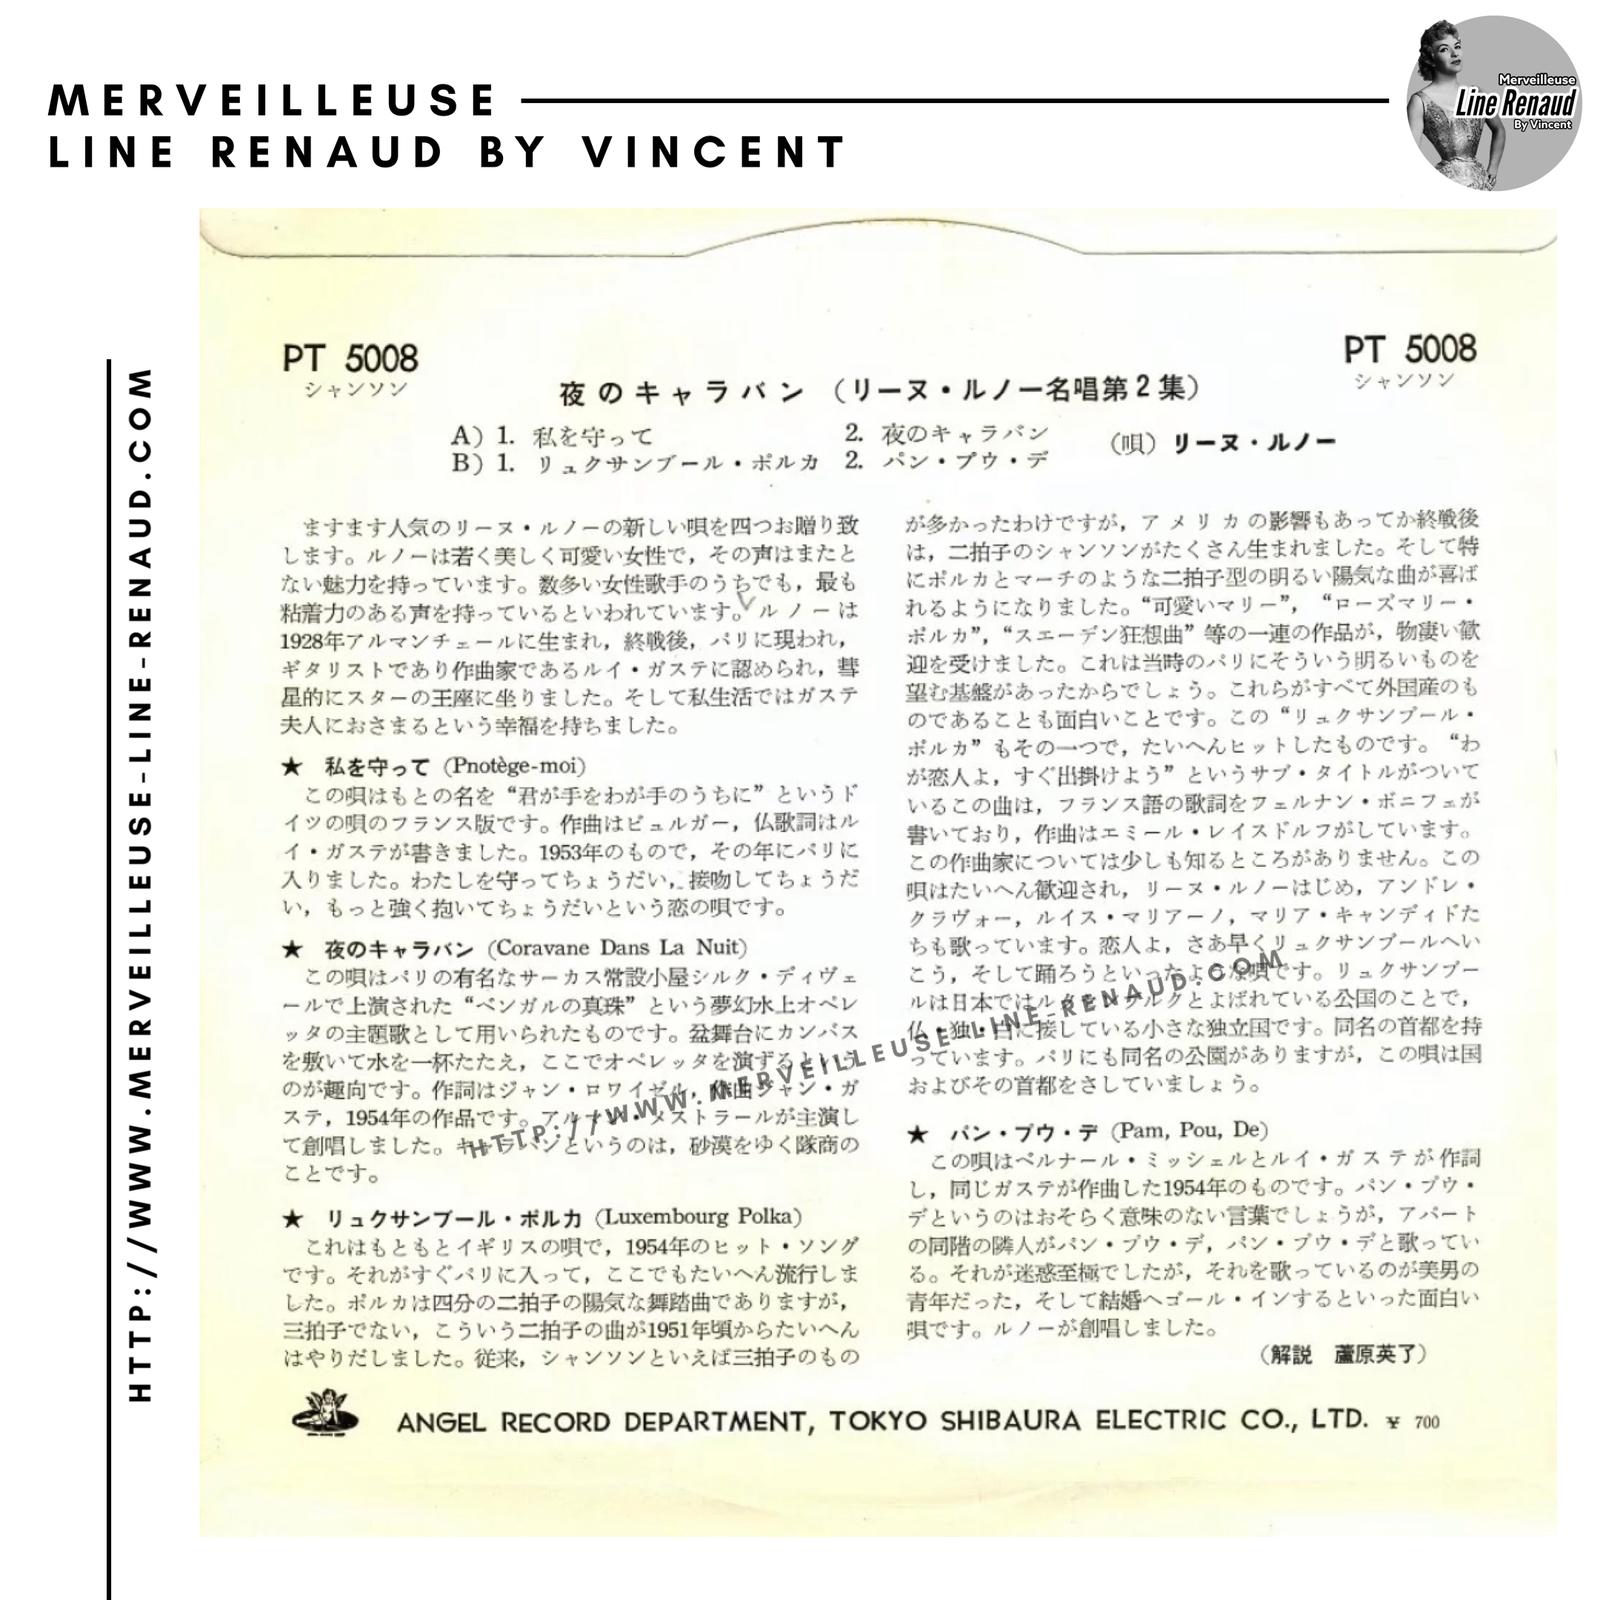 45 TOURS: 1968 Angel - PT 5008 (Japon)